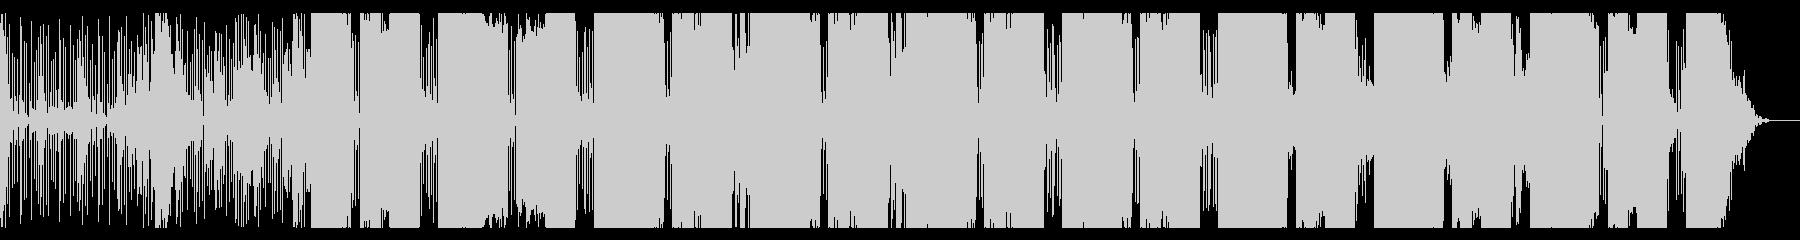 不思議な浮遊感のIDMテクスチャの未再生の波形